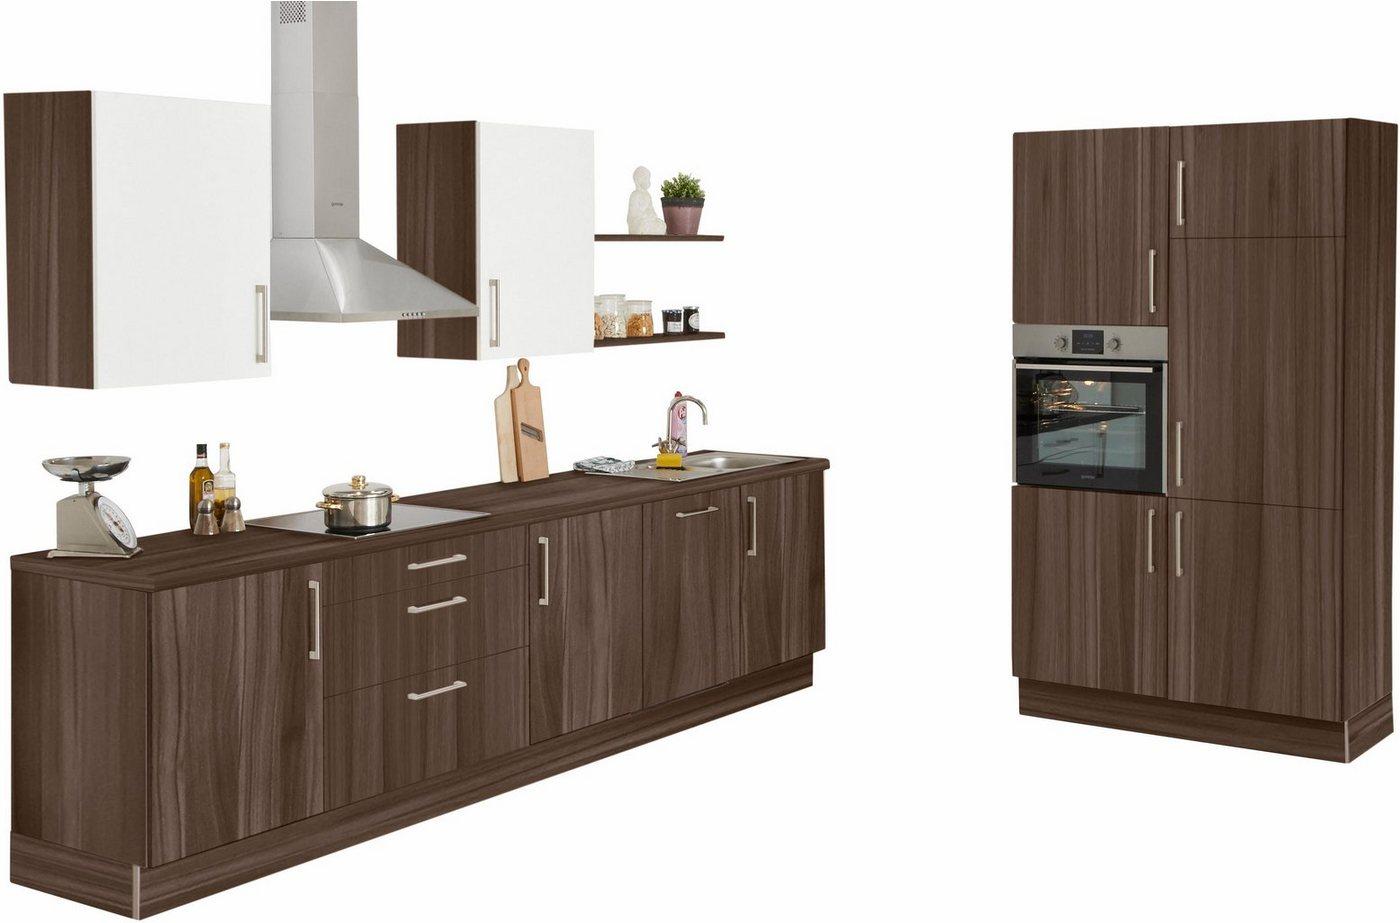 garderobe weiss nussbaum machen sie den preisvergleich. Black Bedroom Furniture Sets. Home Design Ideas